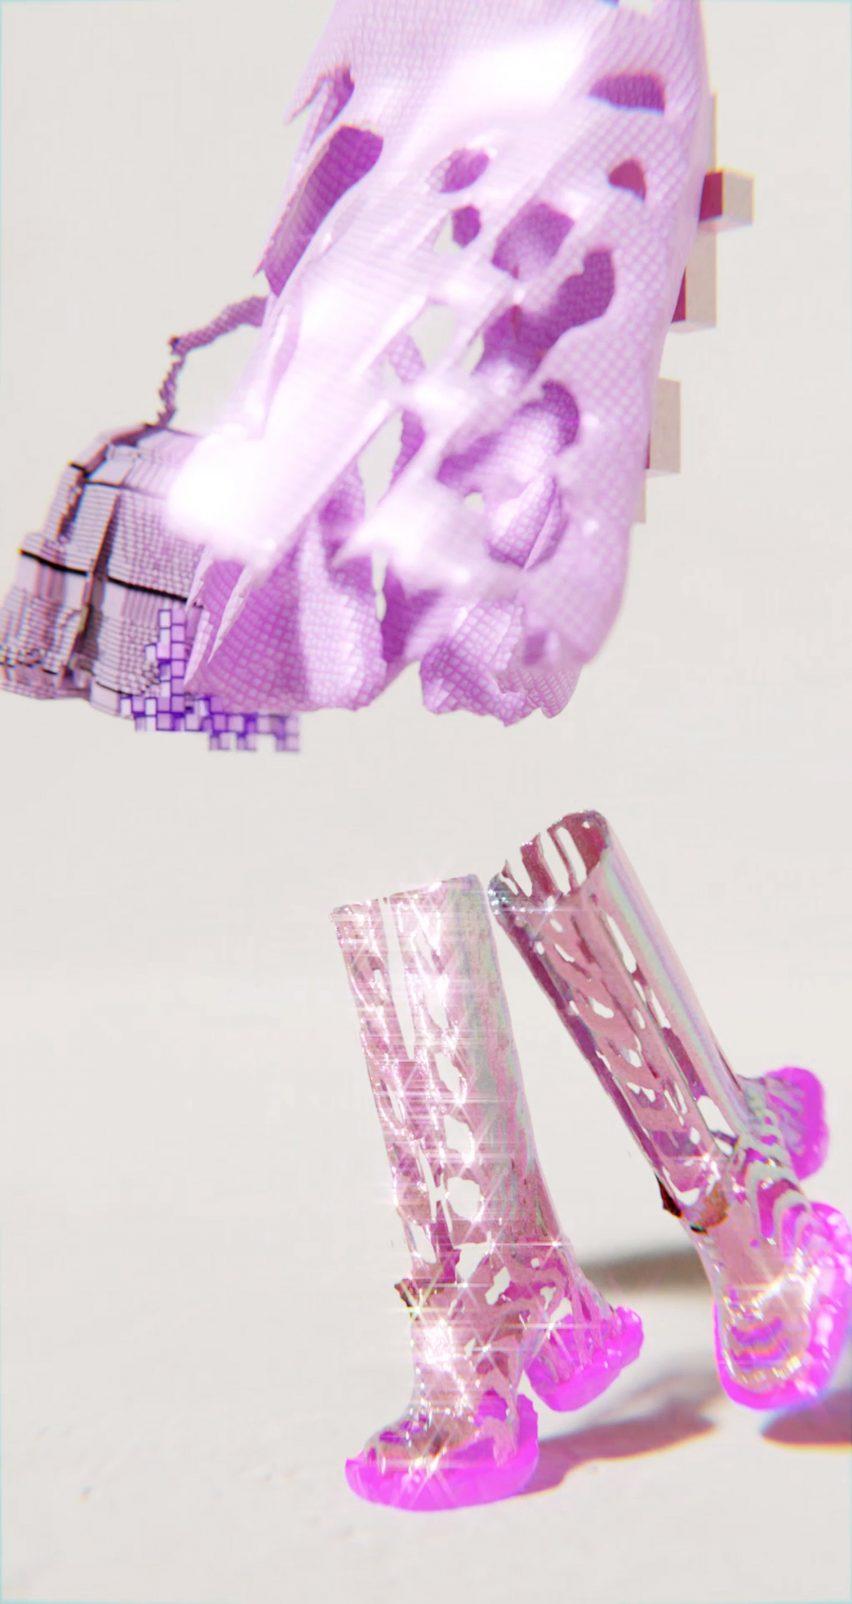 Детальное изображение высоких розовых сапог в коллекции Decrypted Garments